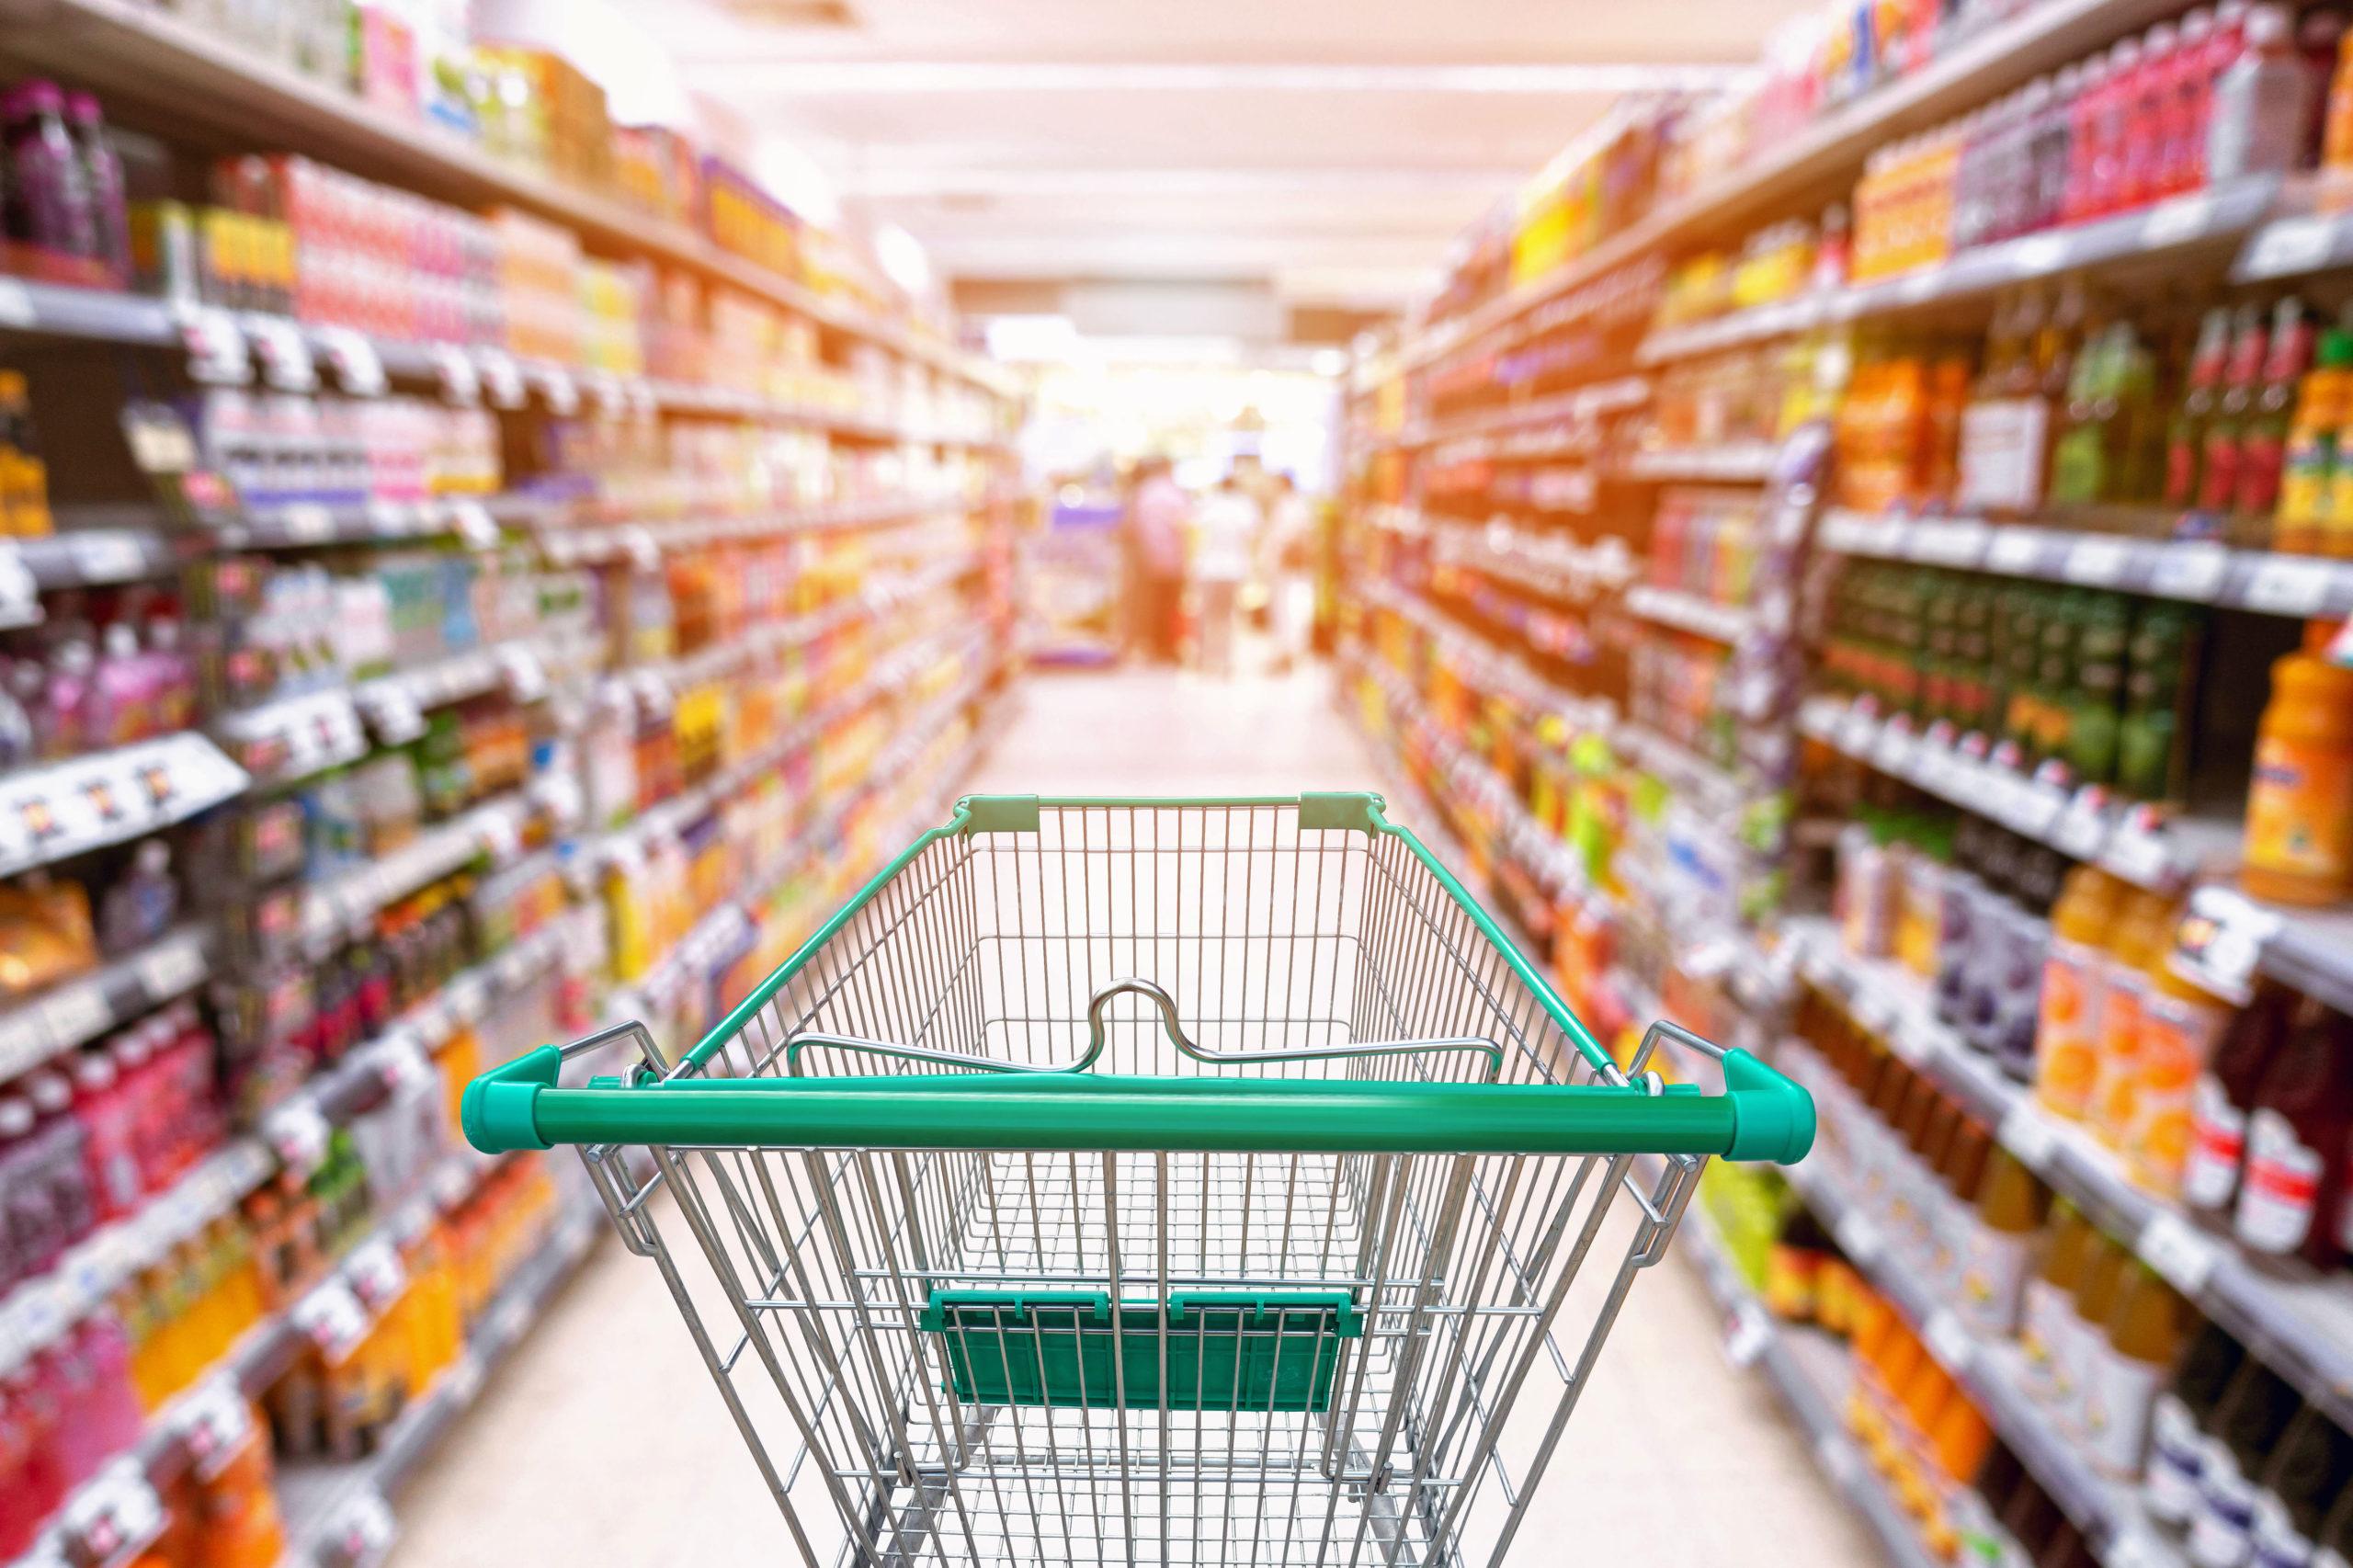 Investitionen in Supermärkte sind eine krisenresistente Geldanlage